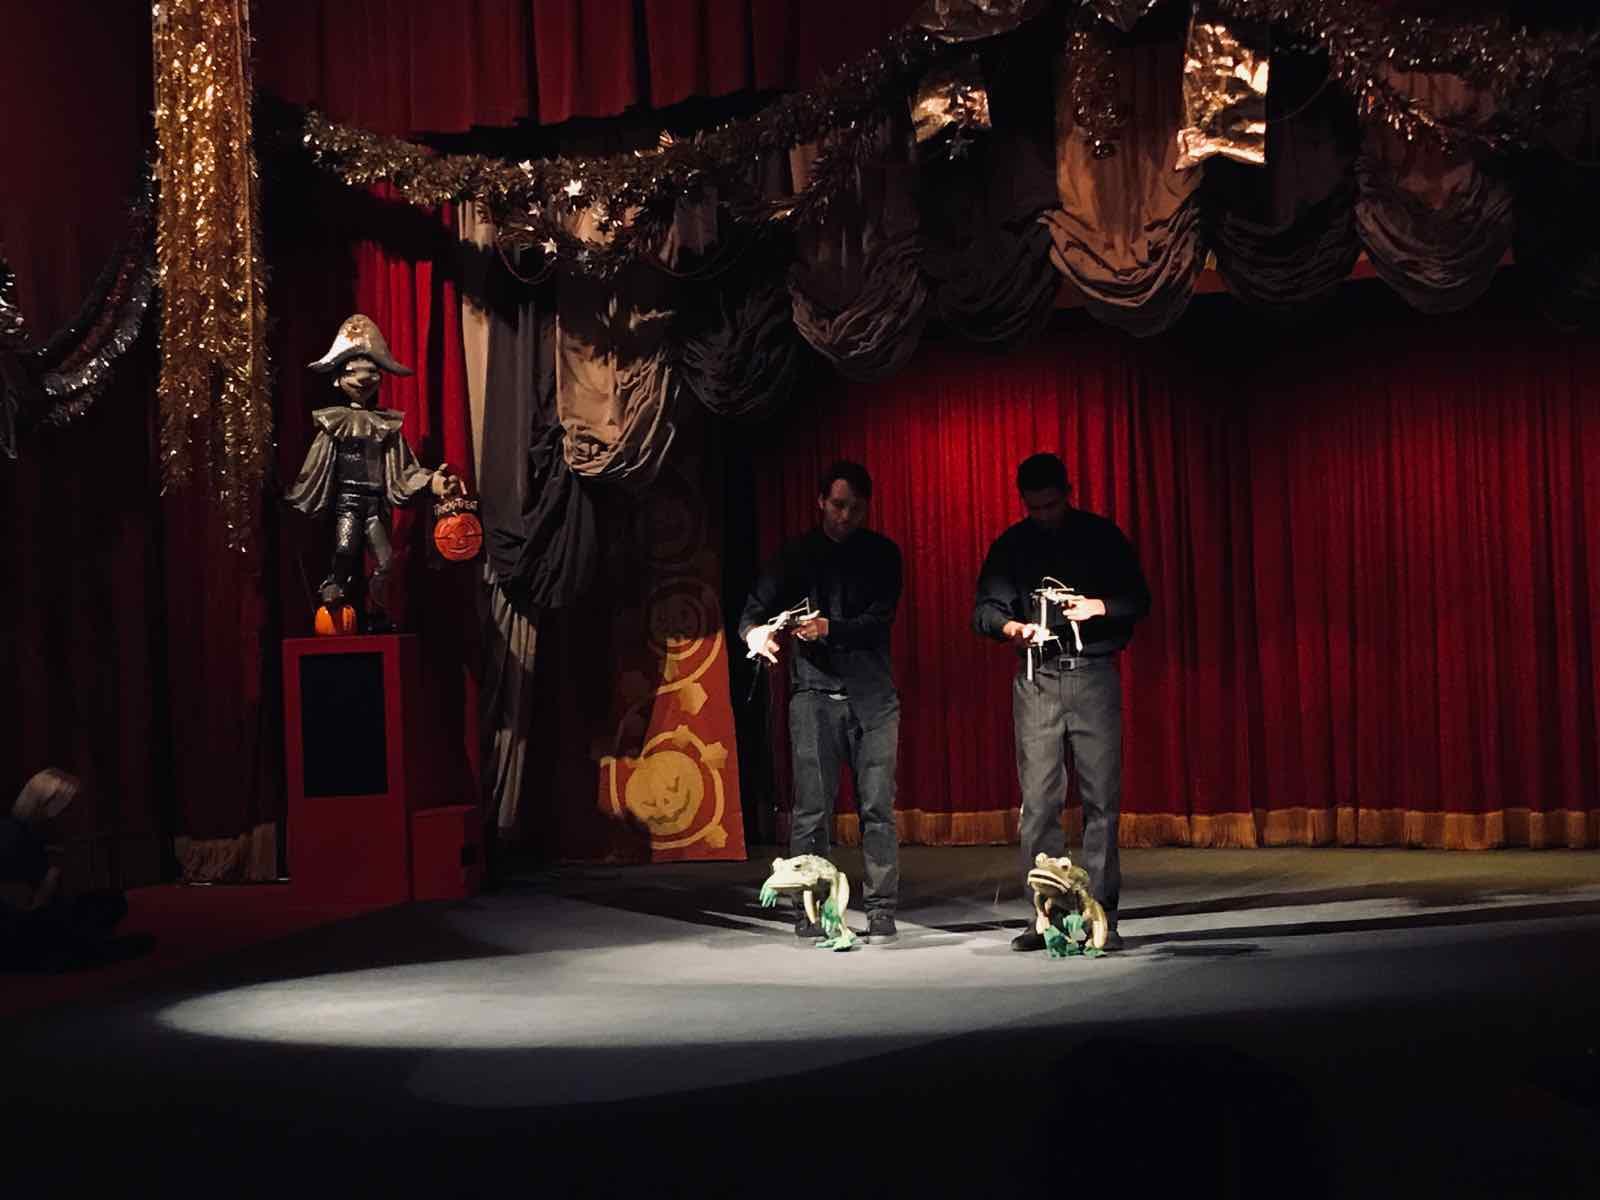 Bob-Baker-Marionette-Theater-3.jpg